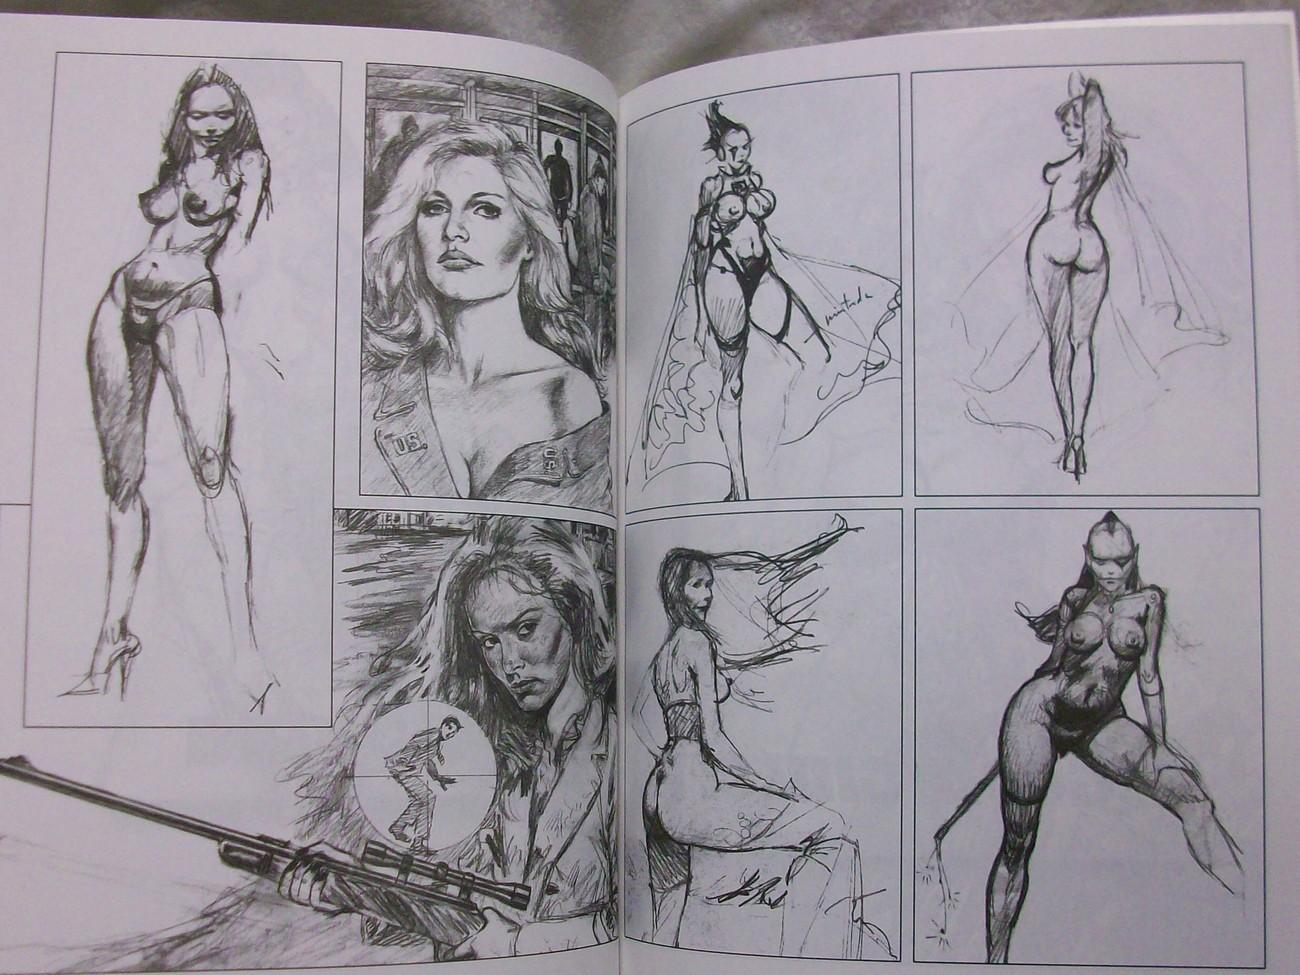 Flesh & Fire Ballego, Blas Sketchbook